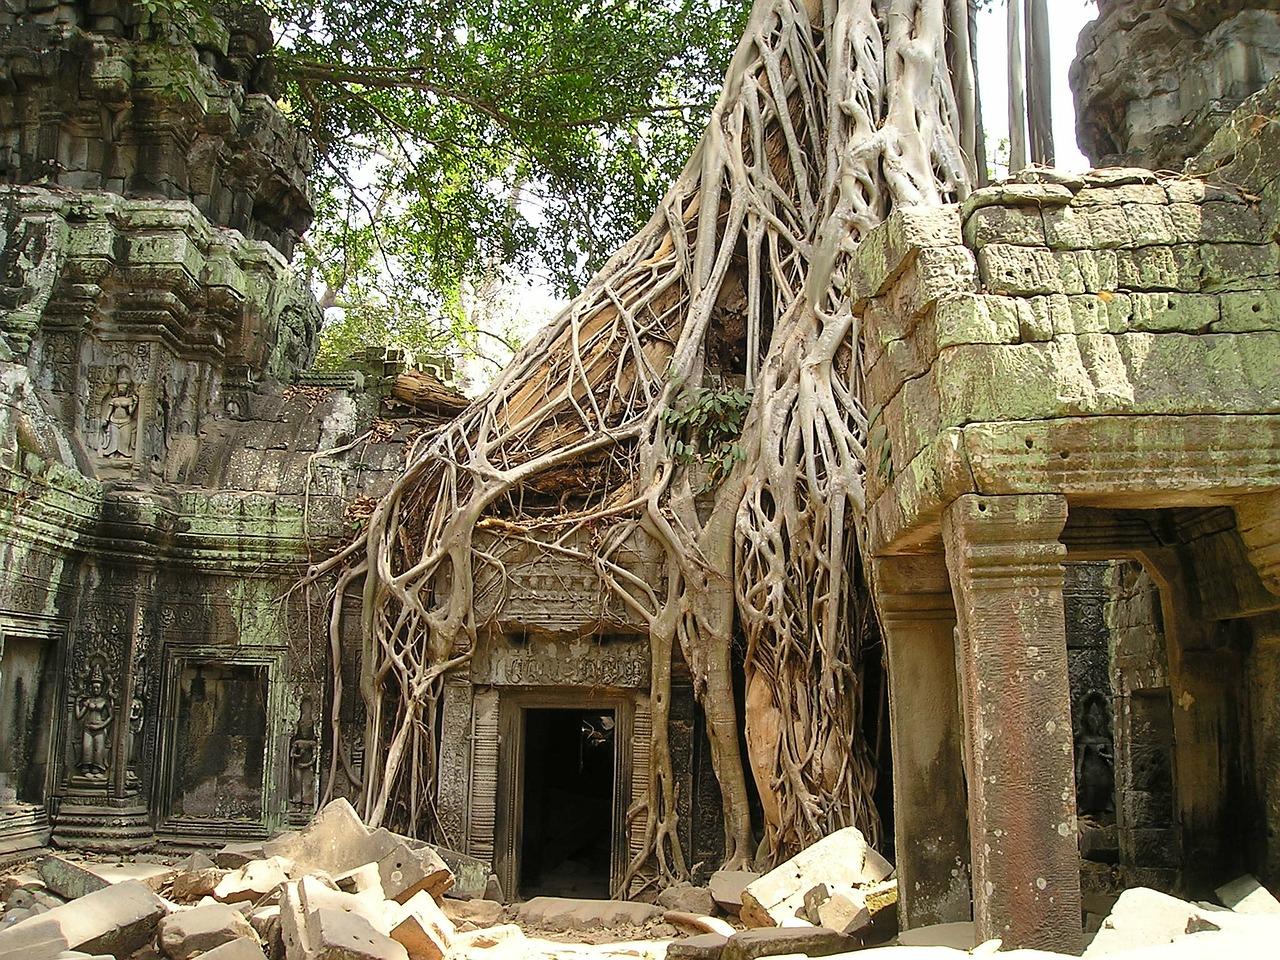 カンボジア留学 世界遺産のある街シェムリアップで英語留学